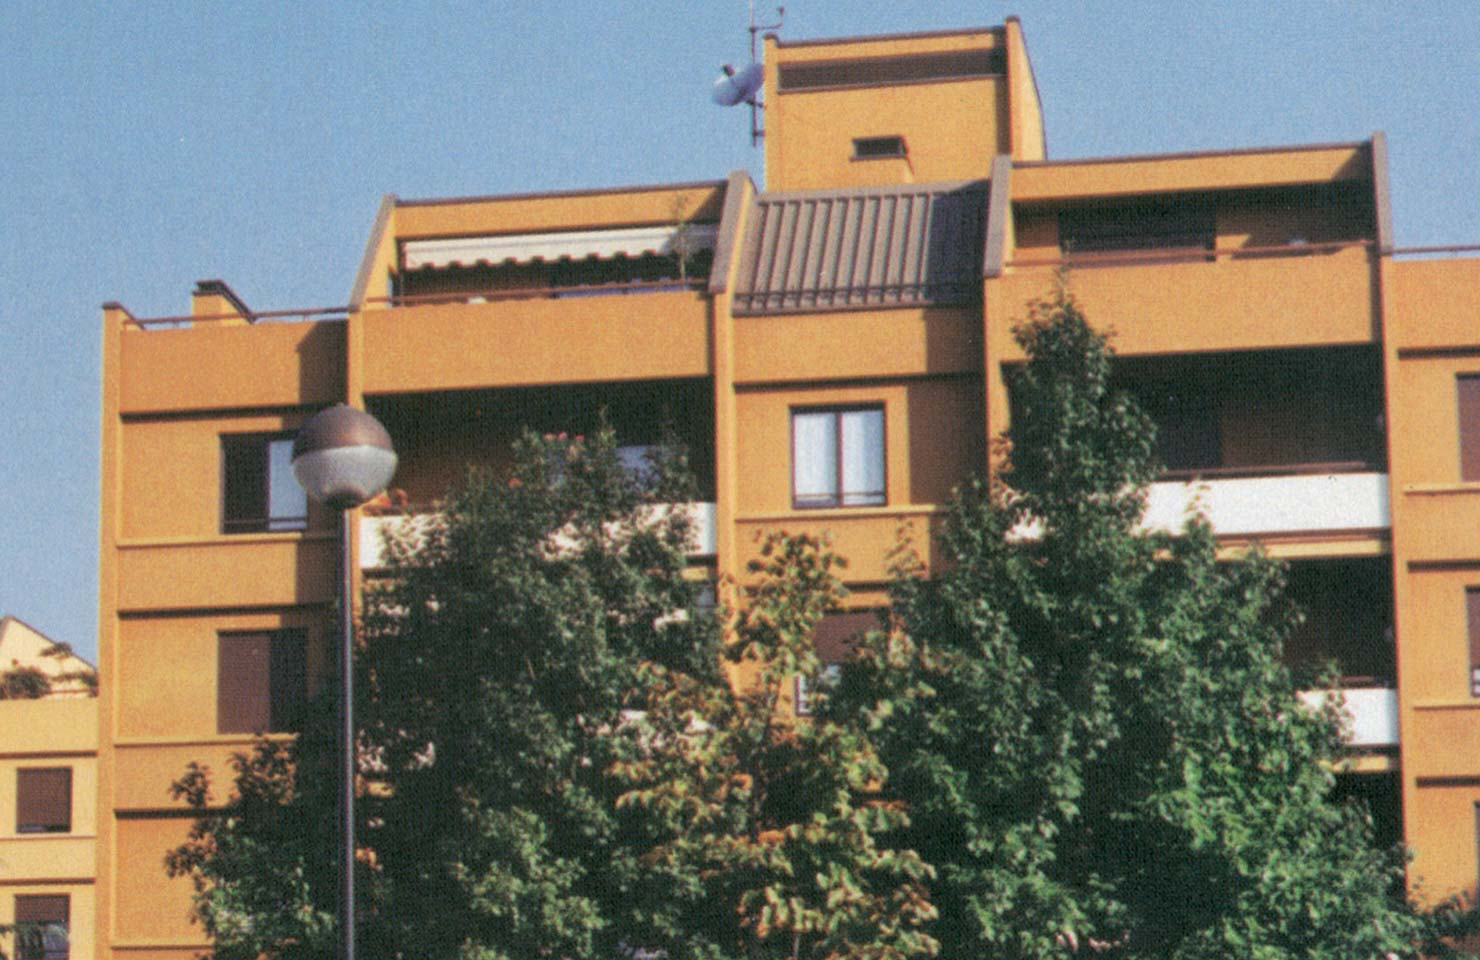 Monza – S.Donato